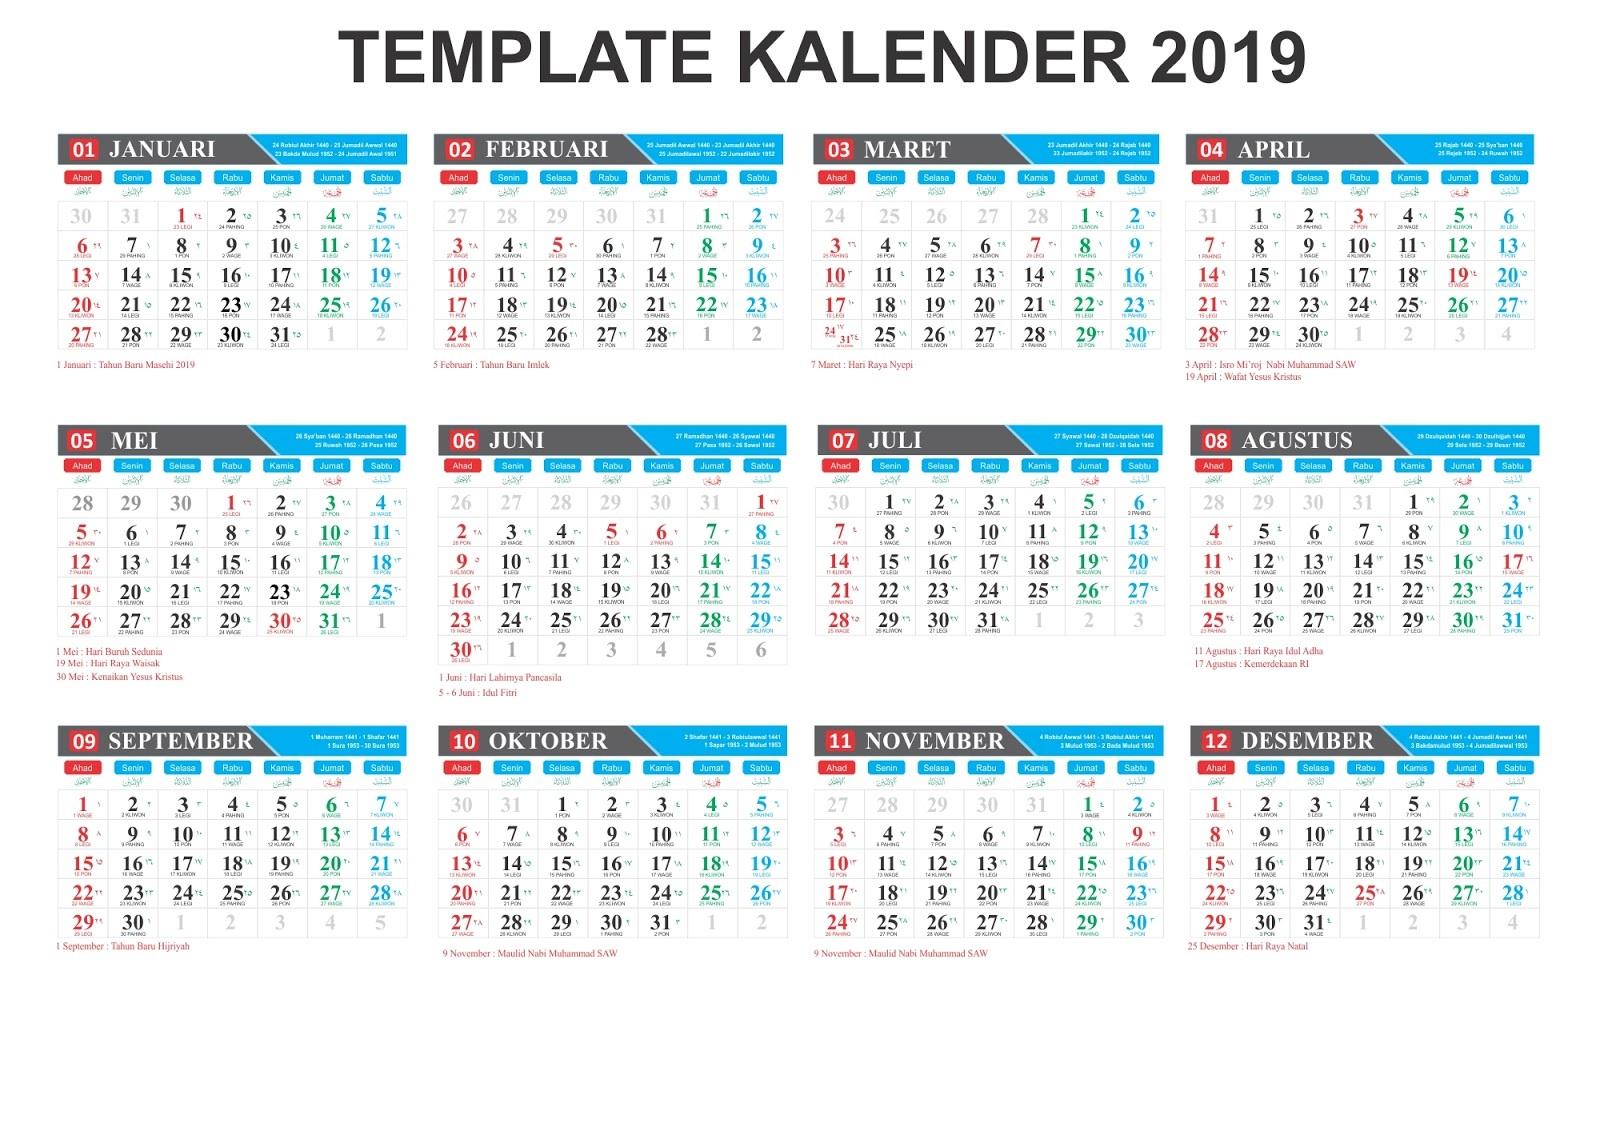 kalender 2019 herunterladen kostenlose bilder hd. Black Bedroom Furniture Sets. Home Design Ideas